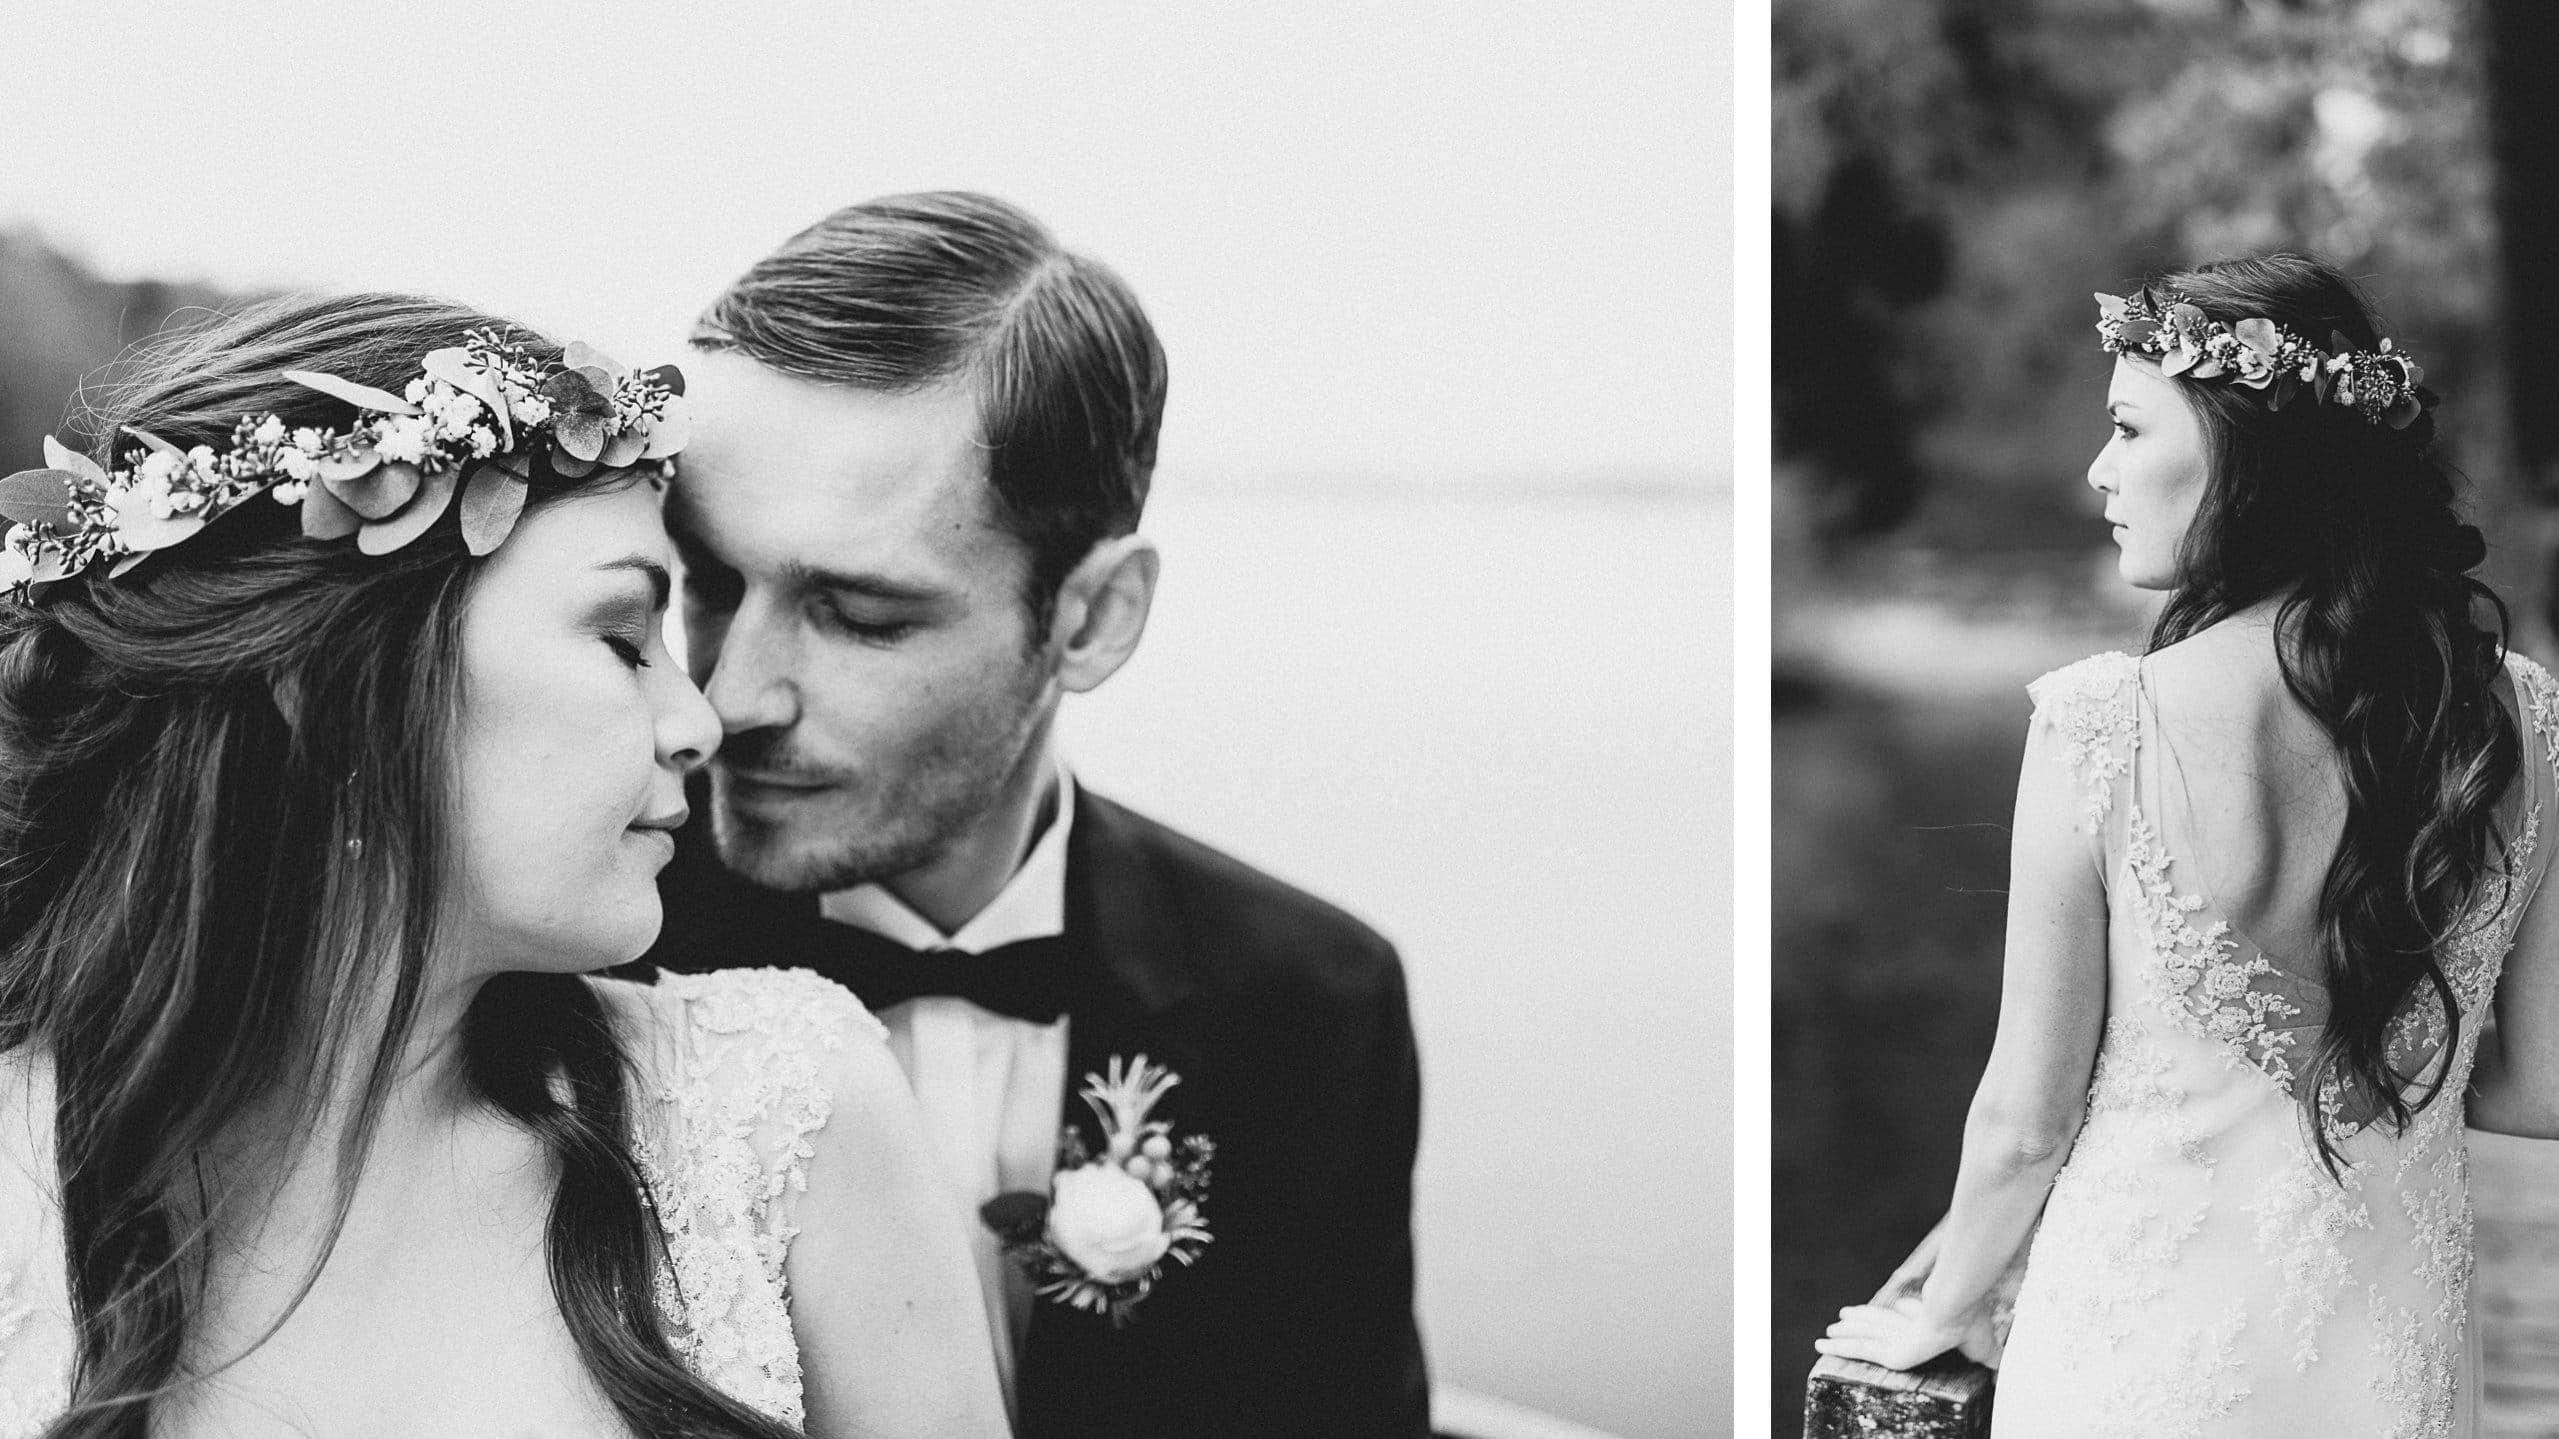 Braut und Bräutigam im Boho Stil mit Haarkranz und Spitzenkleid